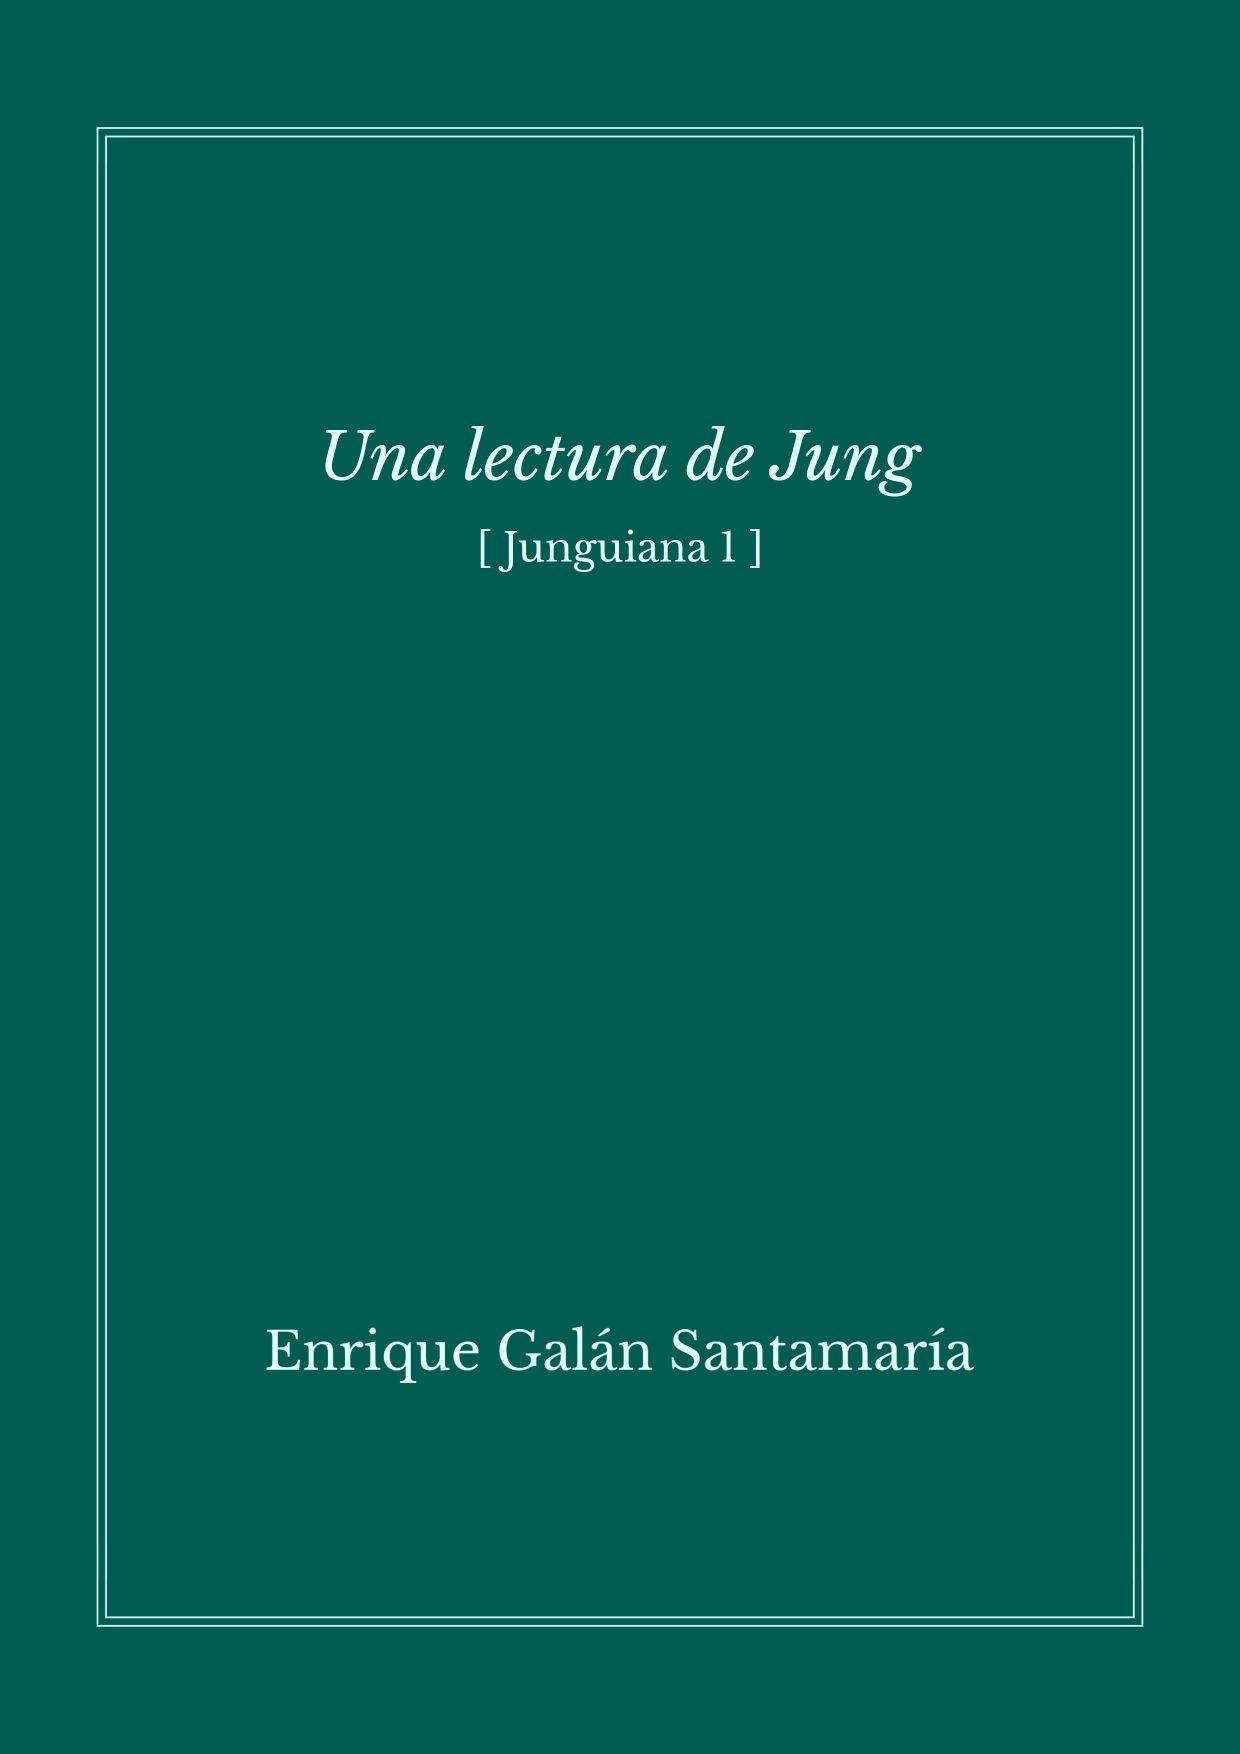 Una lectura de Jung (Junguiana 1) - Enrique Galán